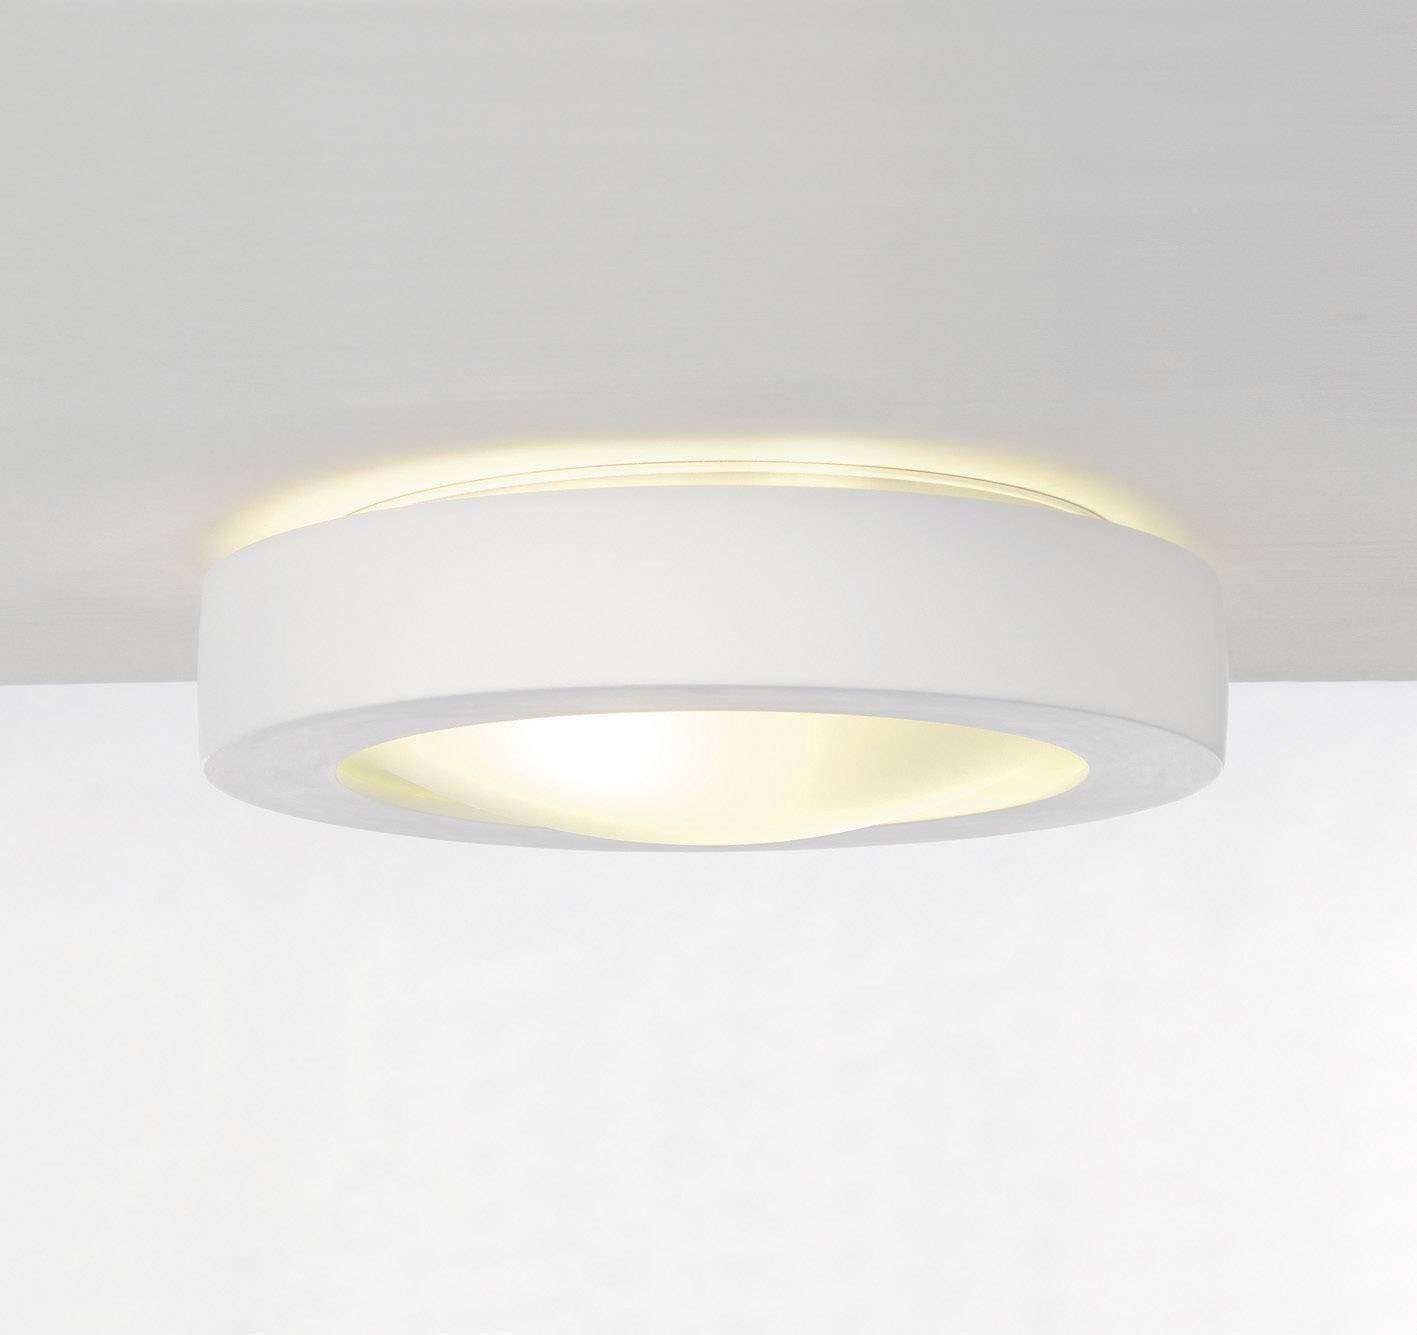 Stropné svetlo úsporná žiarovka SLV GL105 148001, E27, 50 W, biela